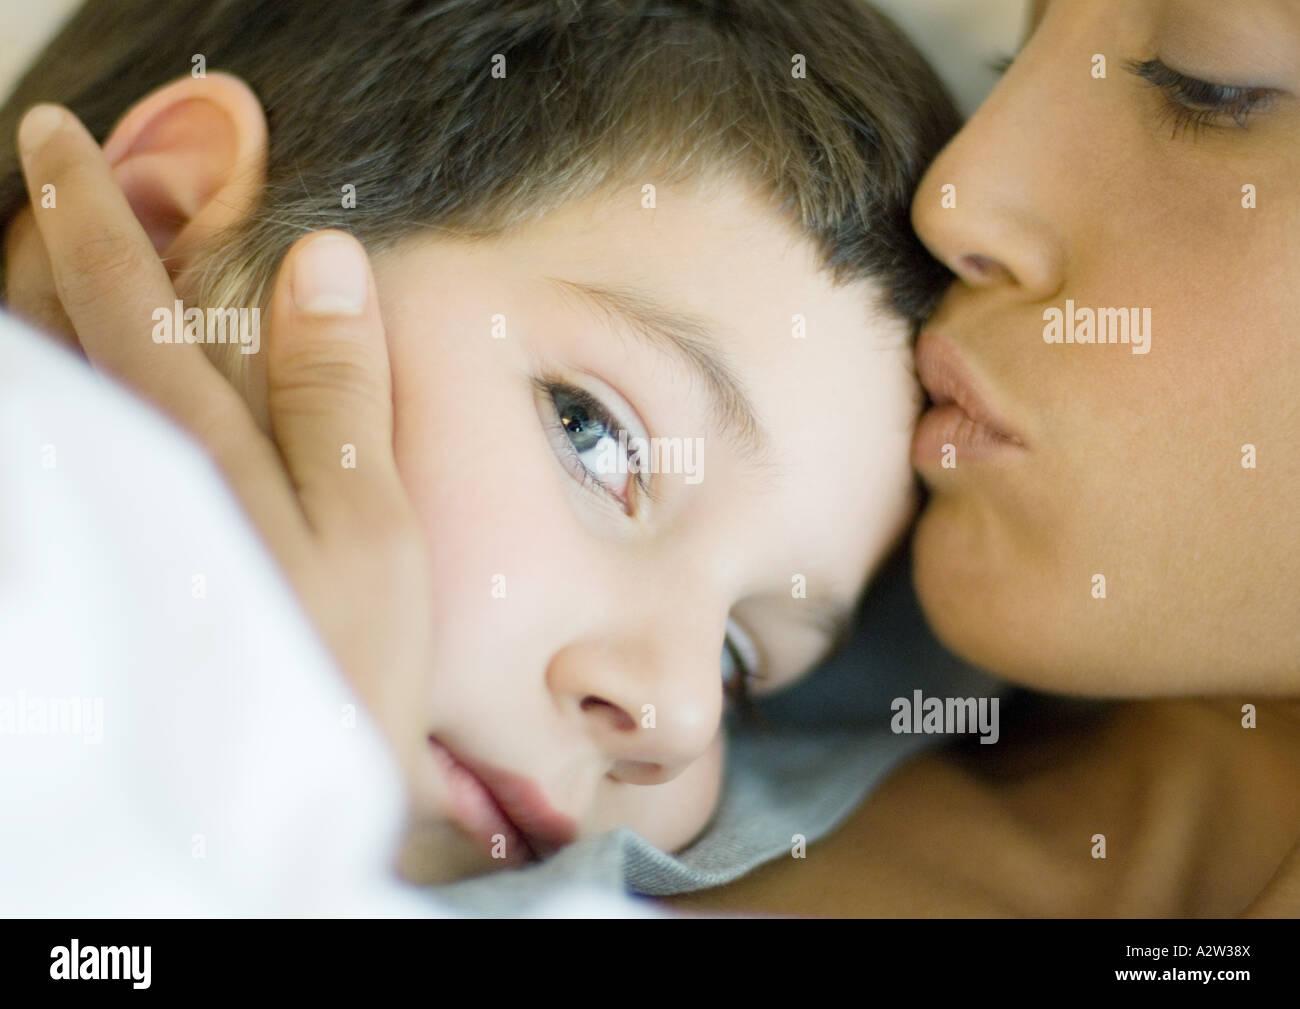 pampered child